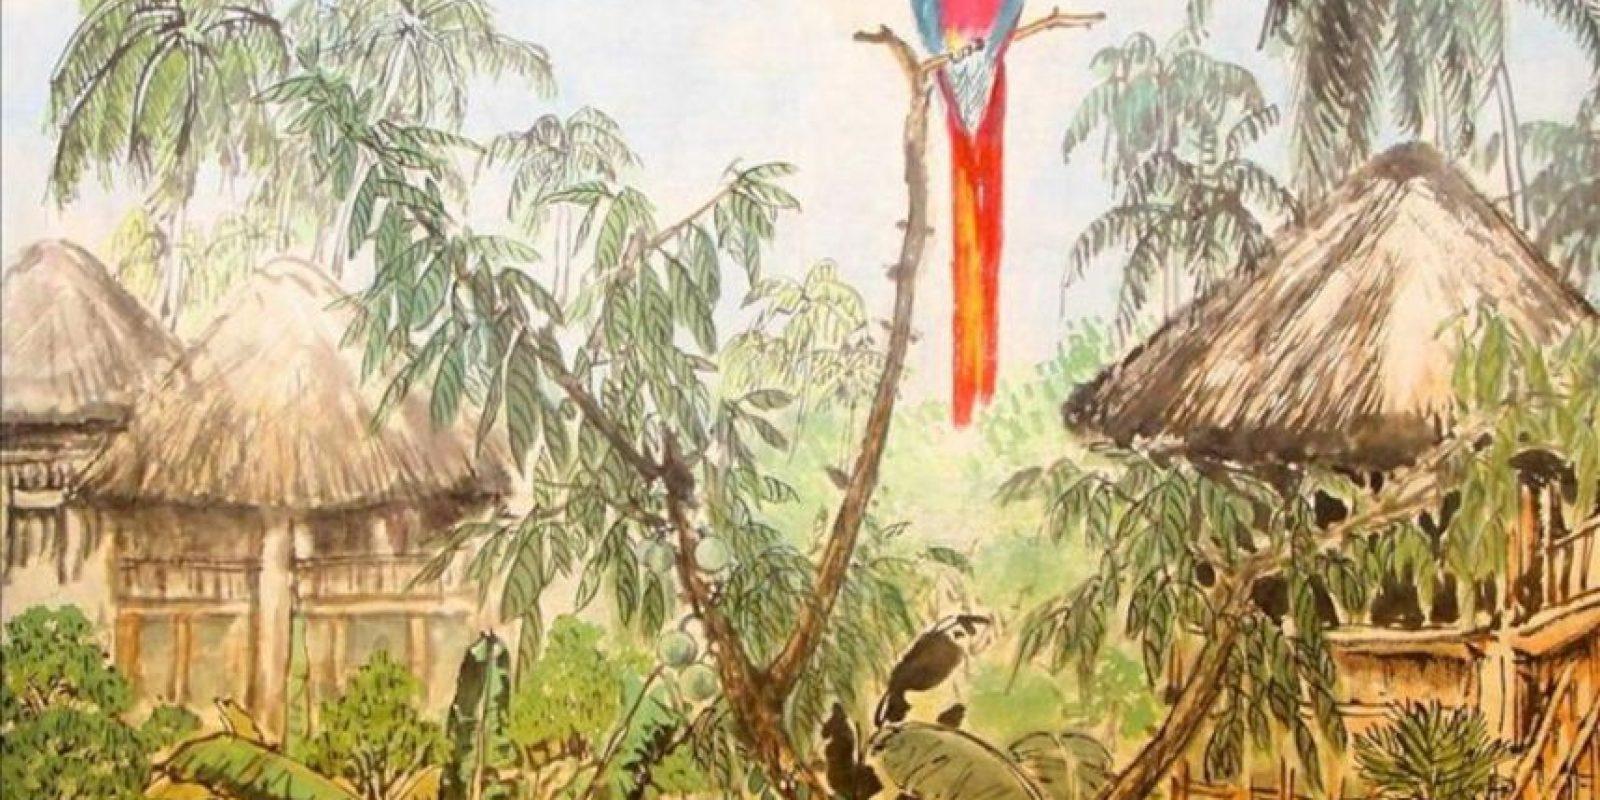 """""""Ecuador"""", de Luo Qin, una de las obras que forma parte de la muestra artística """"Pintemos al Ecuador"""", inaugurada en la embajada ecuatoriana en Pekin, con más de 20 obras de siete pintores chinos que en 2011 fueron invitados por este país latinoamericano para captar con sus pinceles su vida, paisajes y costumbres. EFE"""